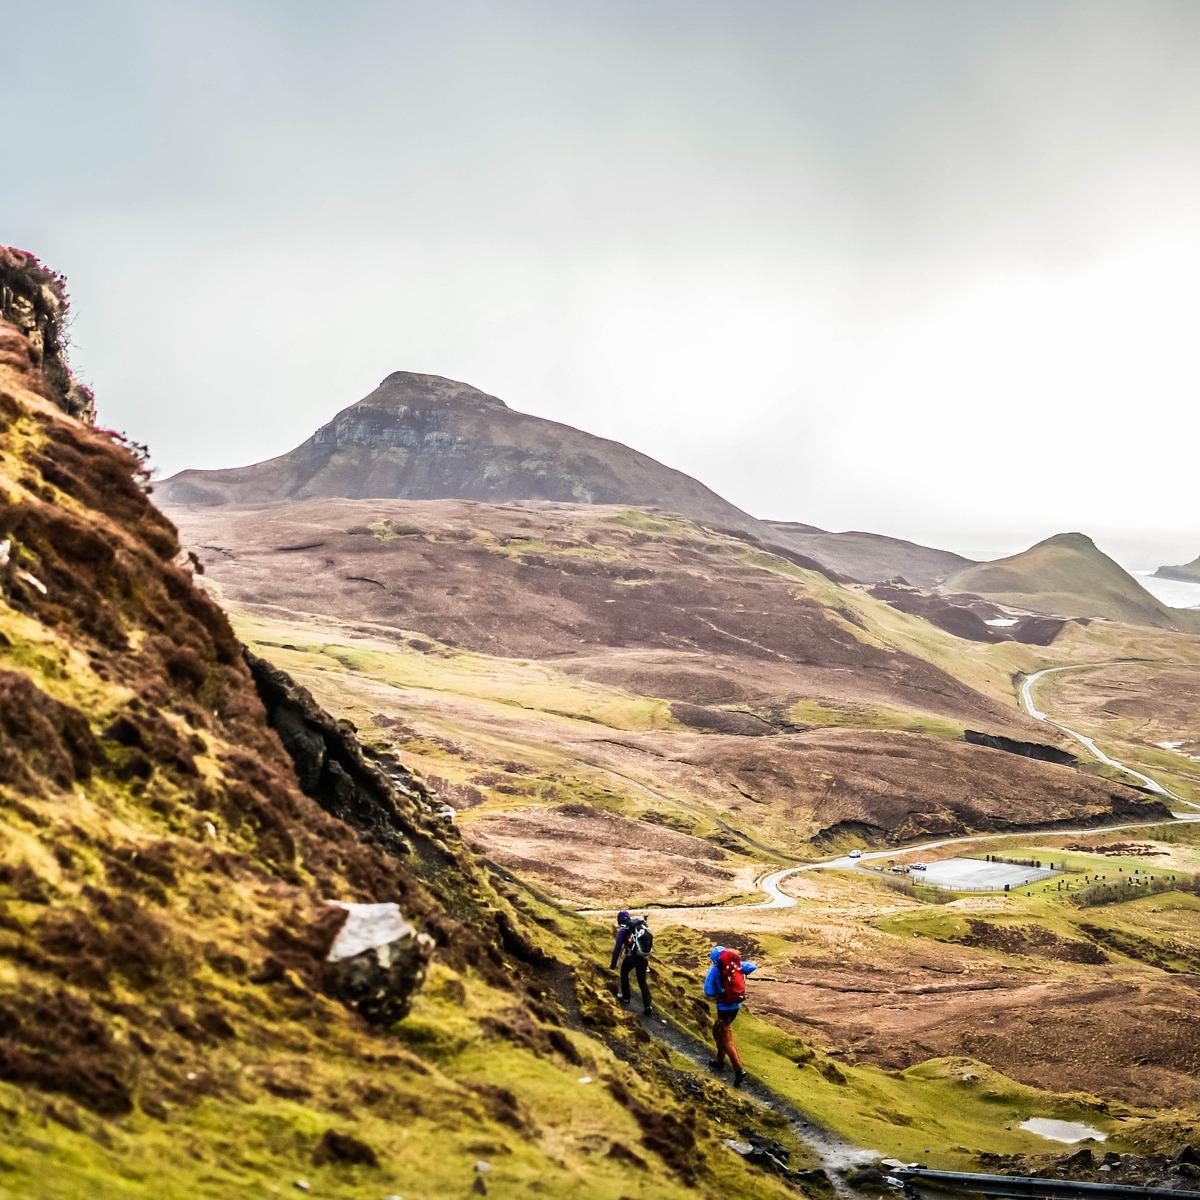 Vandrare på skotsk bracken täckt sluttning